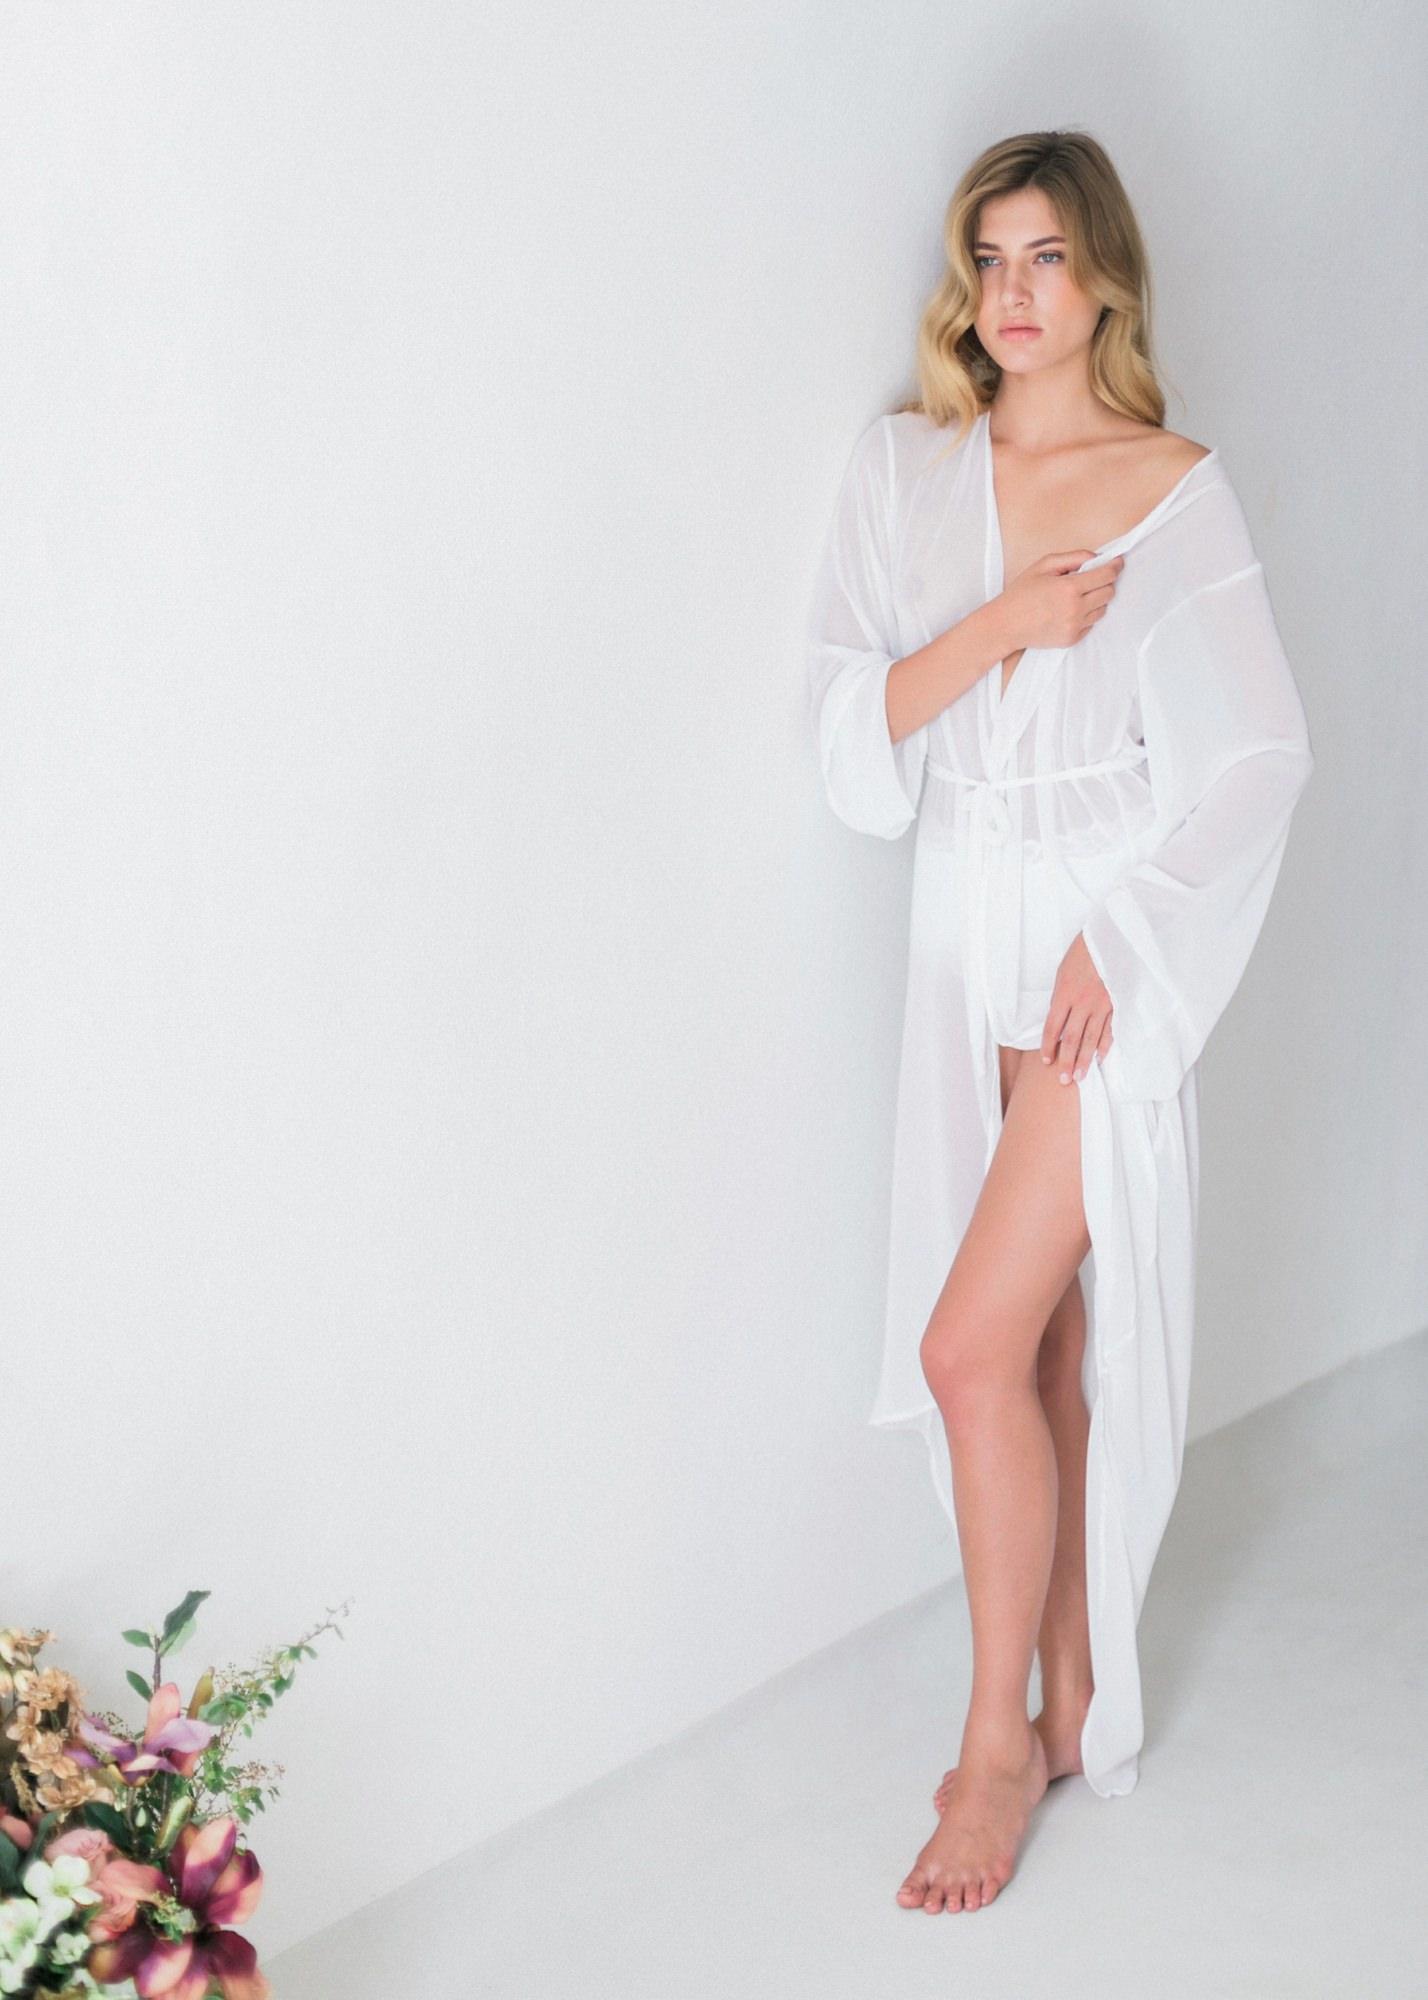 12-boudoir-santorini-wedding-photographer-greece-v